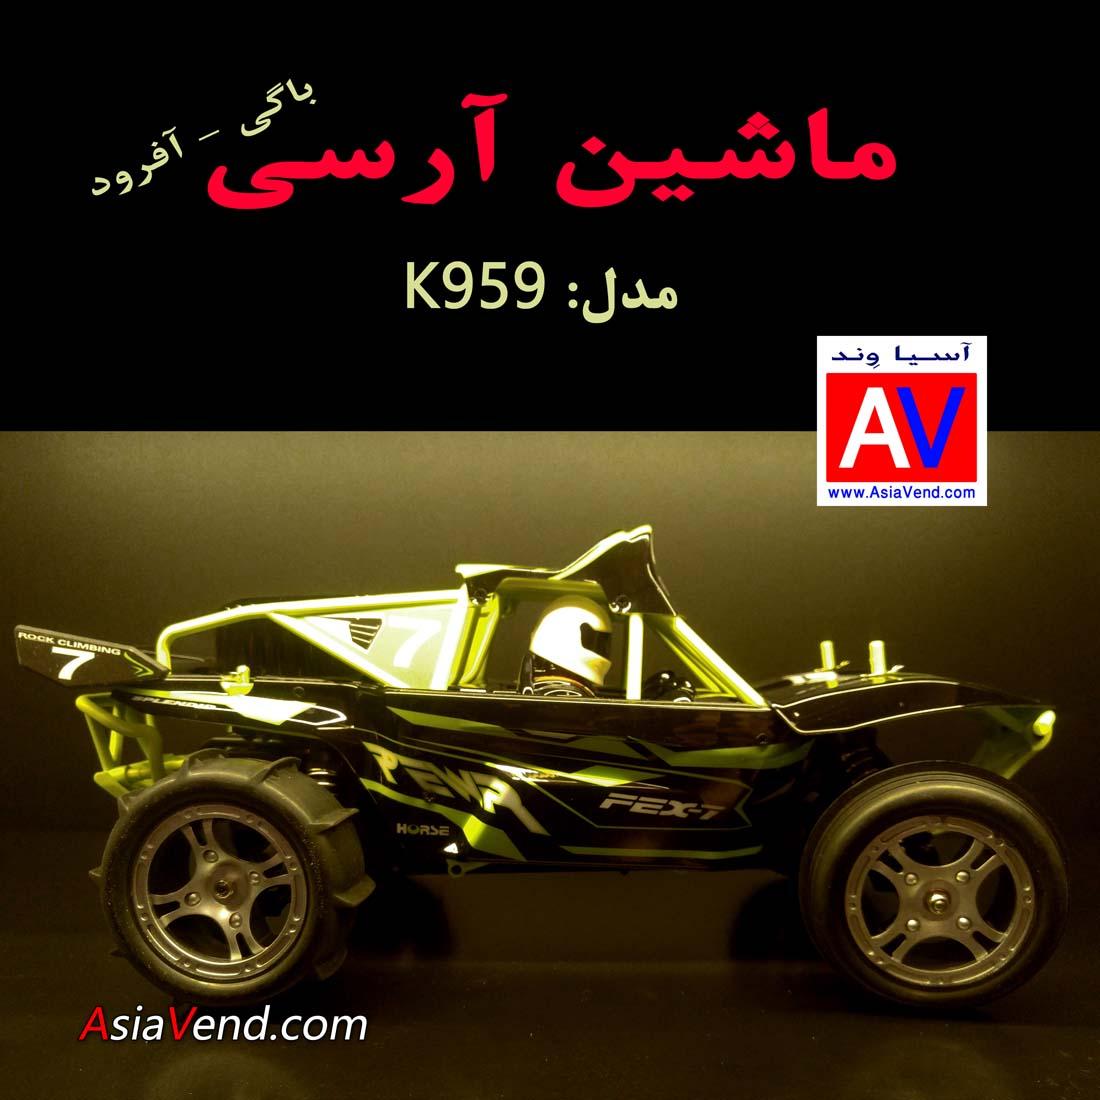 ماشین کنترلی آفرود سرعتی ماشین رادیو کنترلی K959